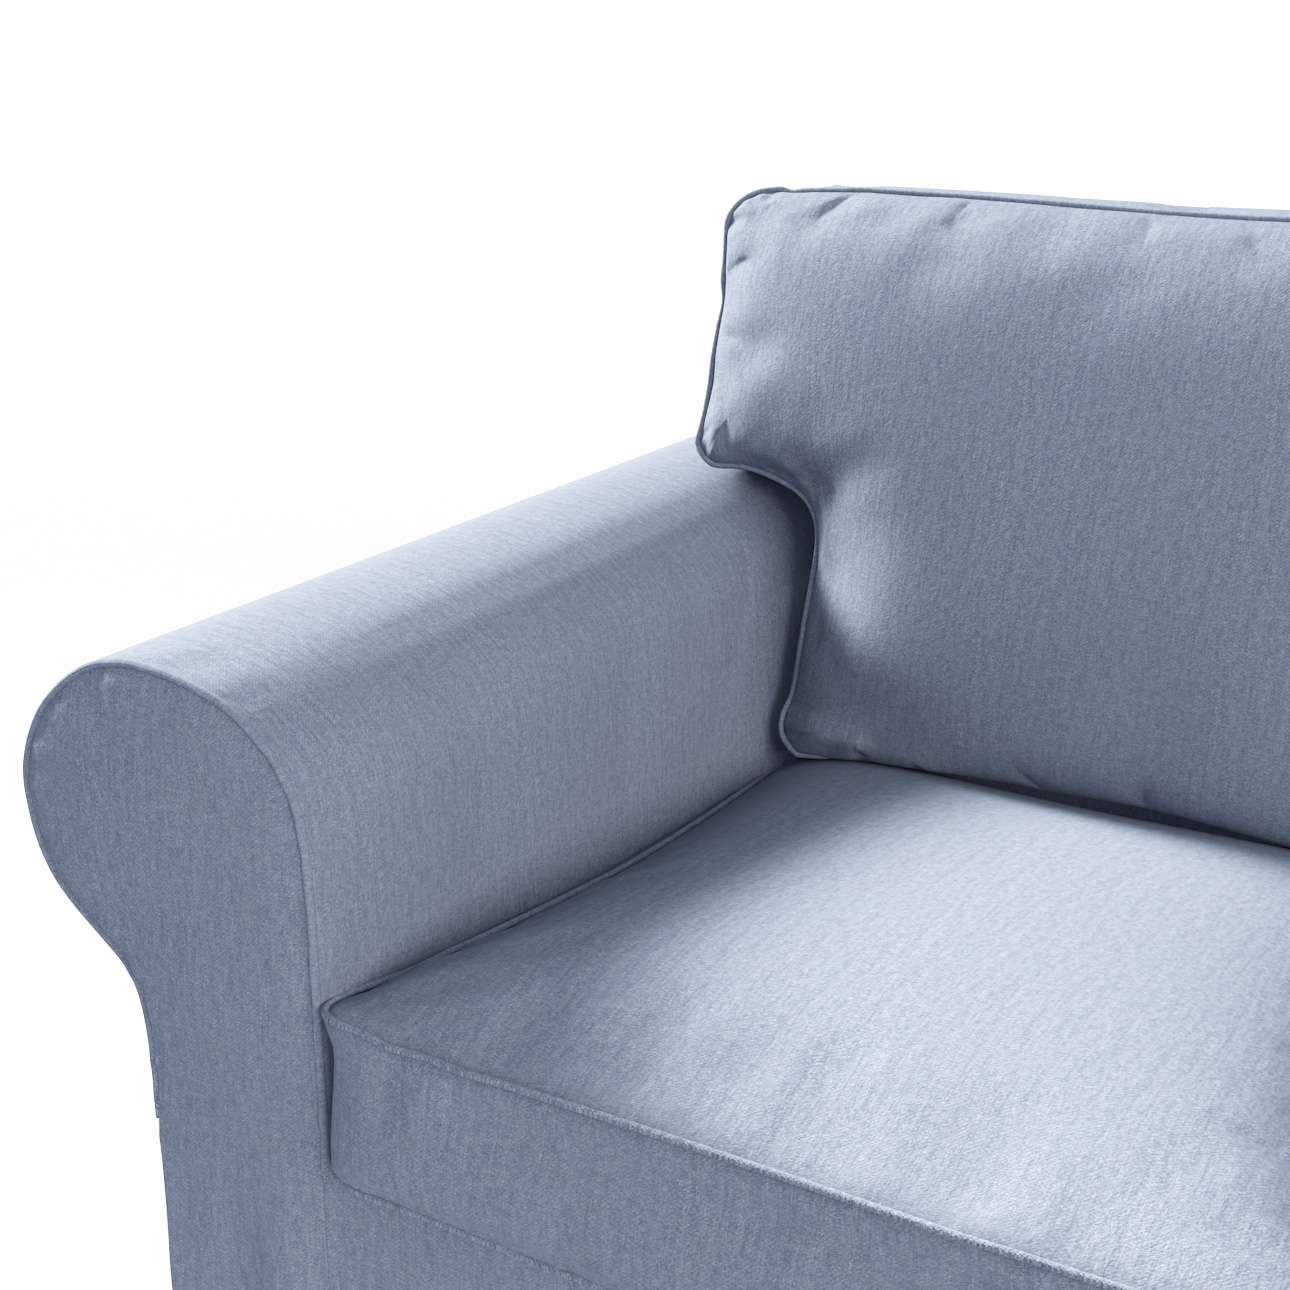 Pokrowiec na sofę Ektorp 3-osobową, rozkładaną STARY MODEL Sofa Ektorp 3-osobowa rozkładana w kolekcji Chenille, tkanina: 702-13